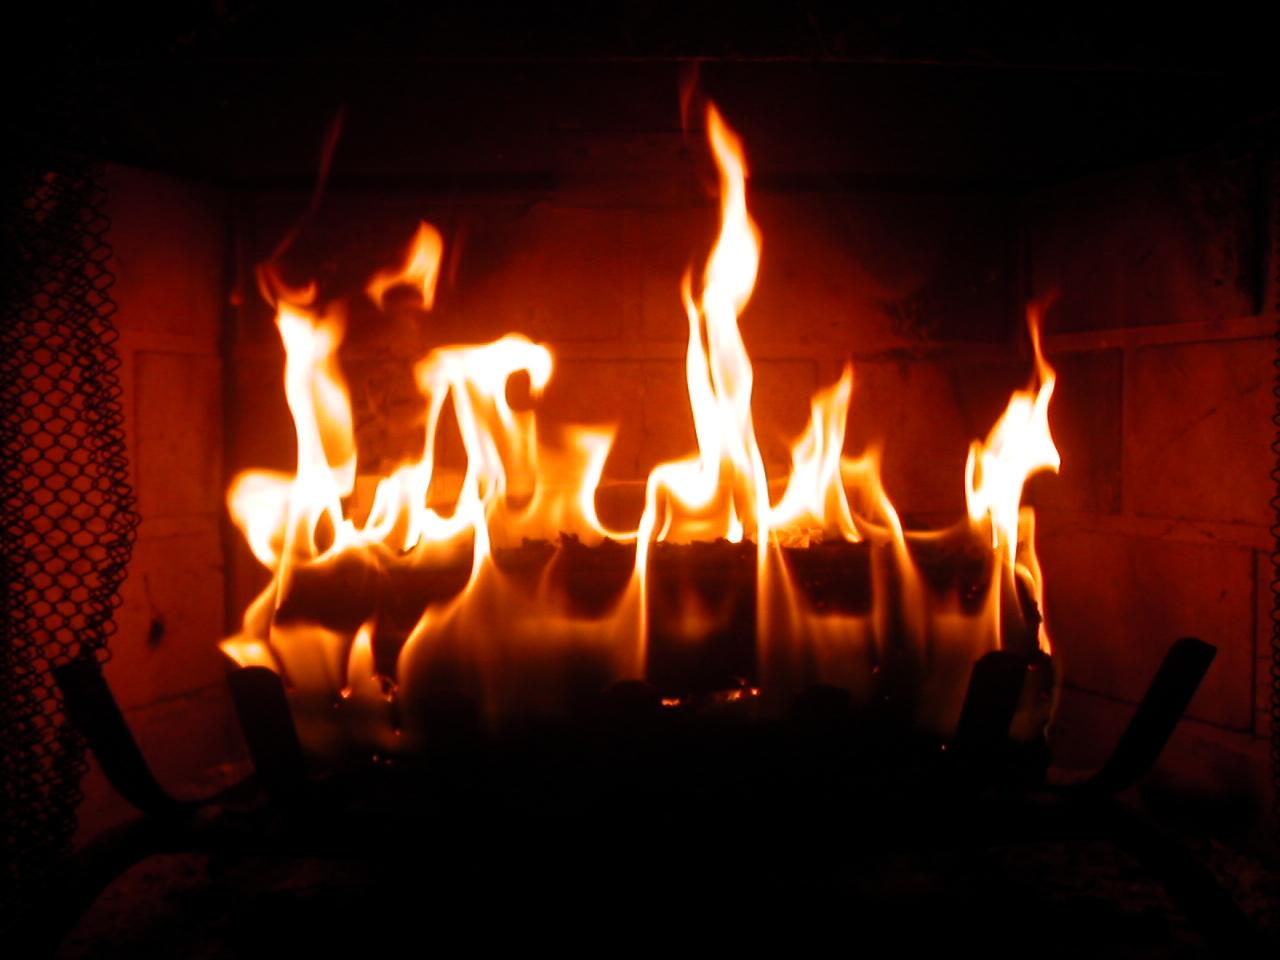 A Fire Inside The Chimney By A Ki Chi On Deviantart